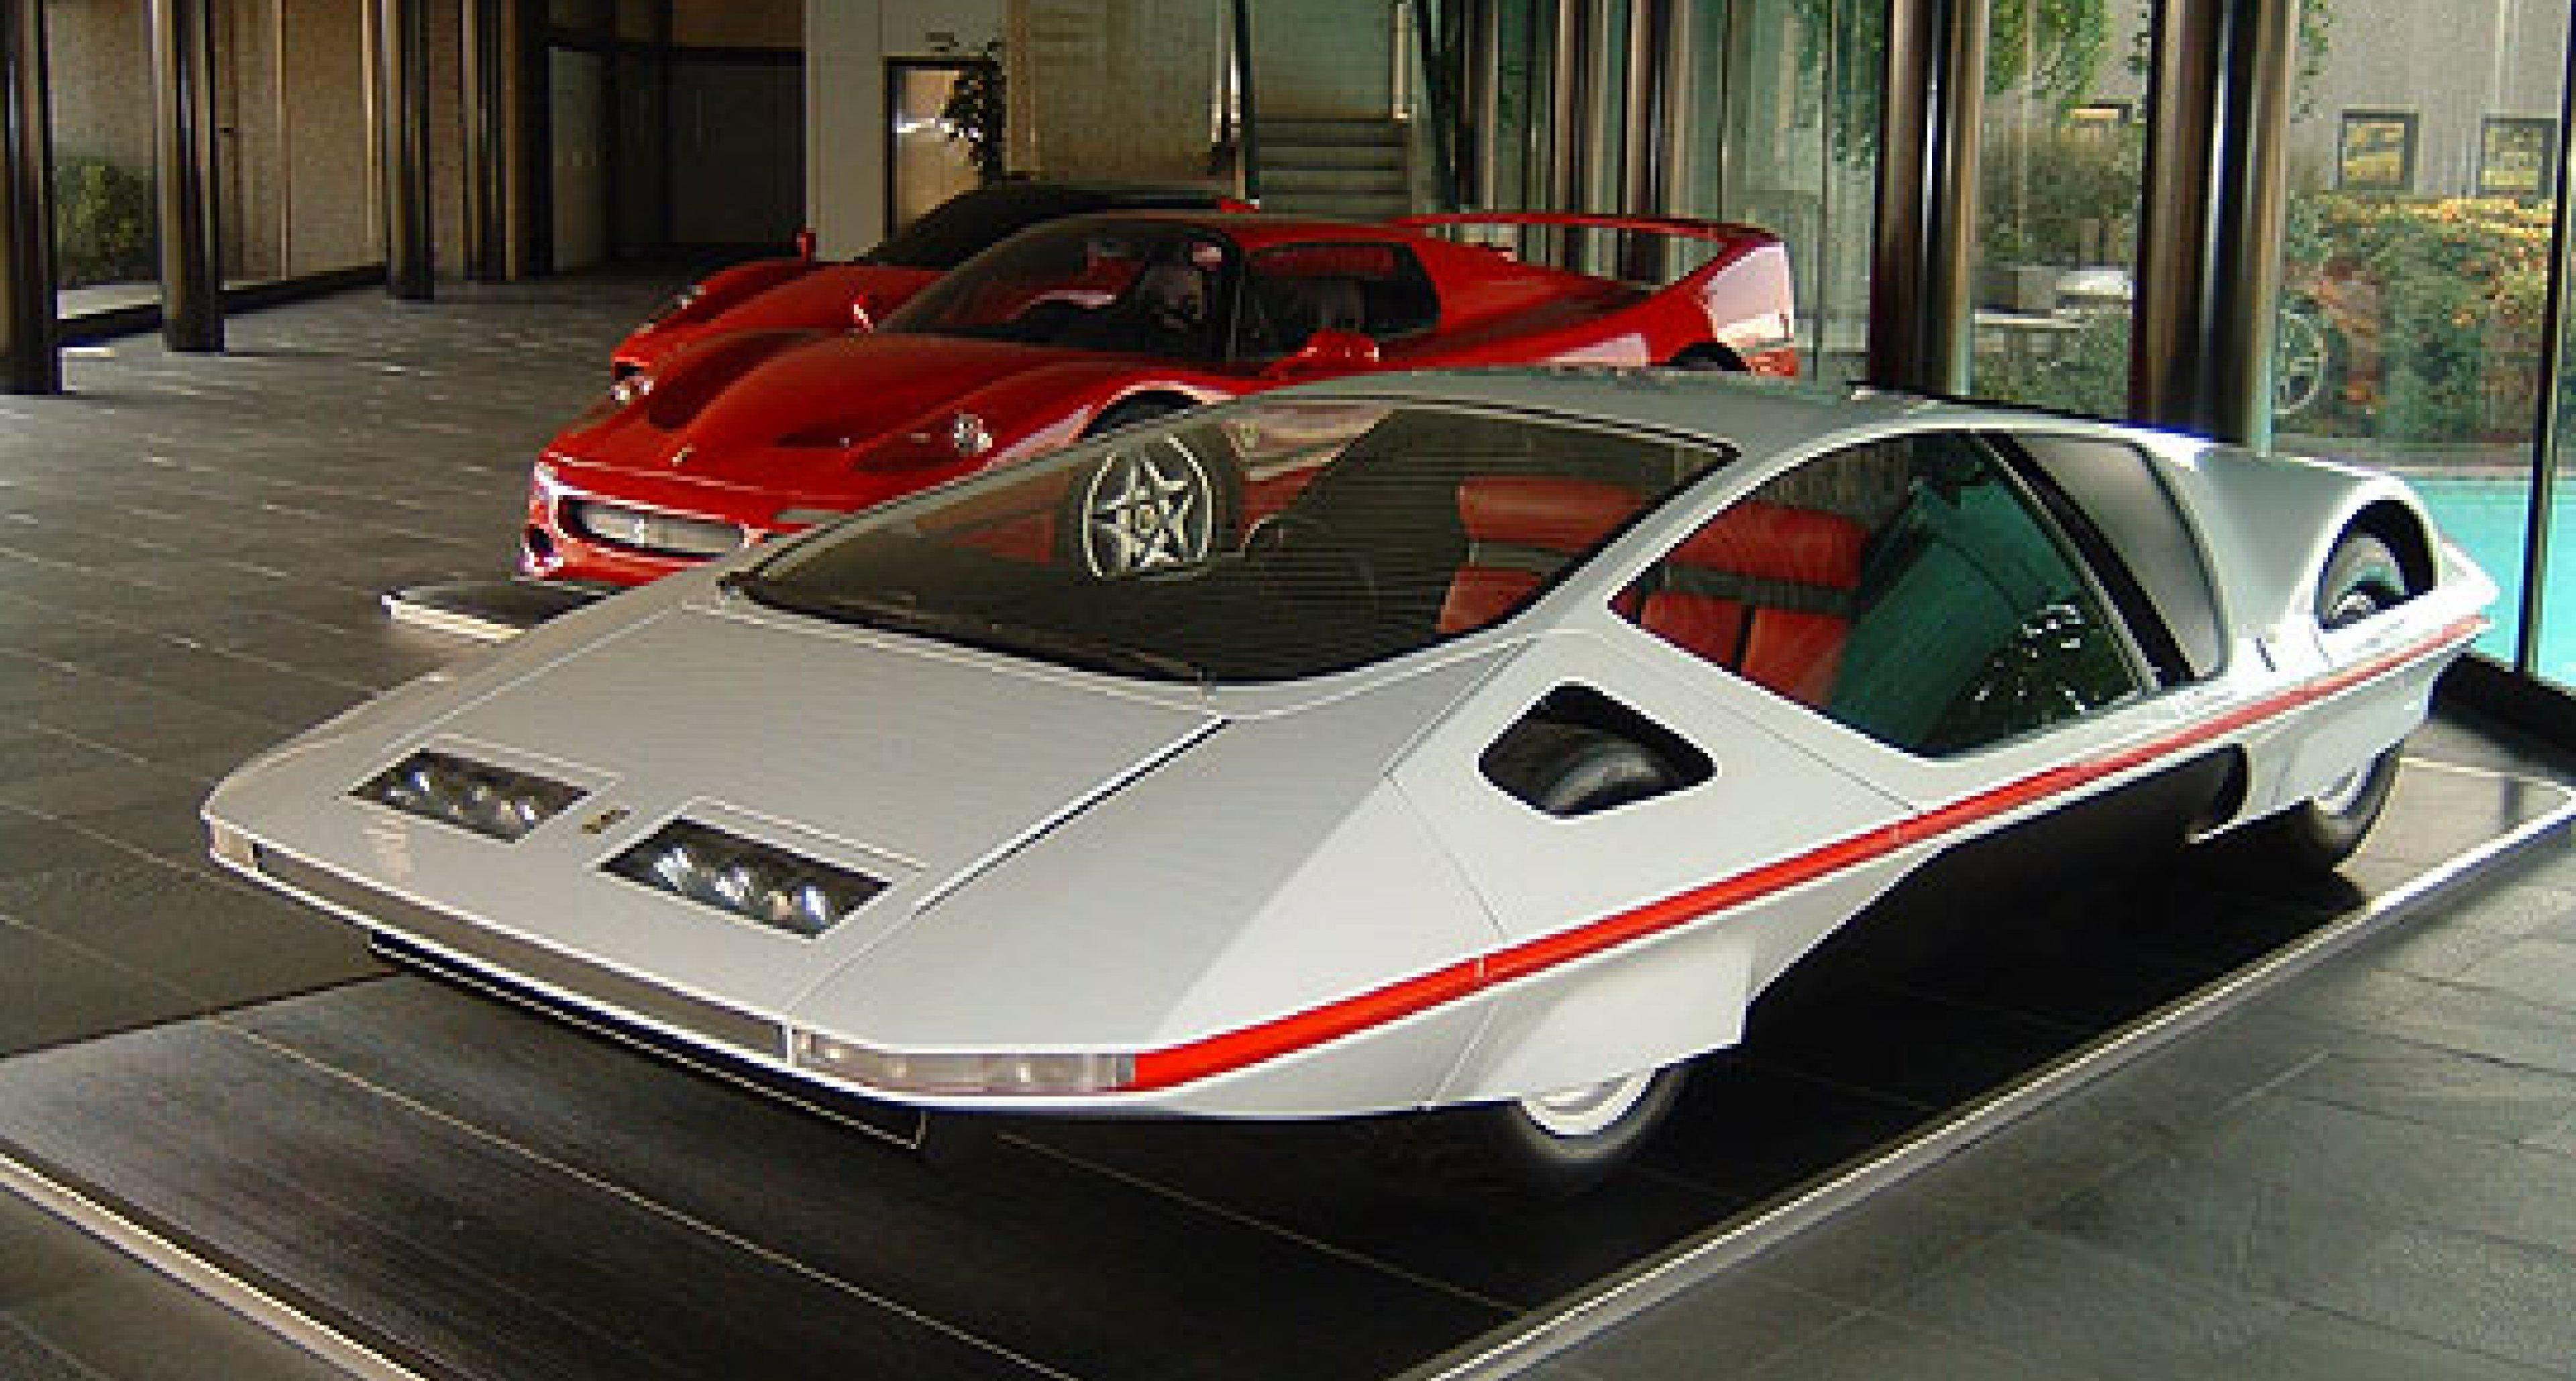 SpaItalia 2005 – eine Rennstrecke sieht rot!